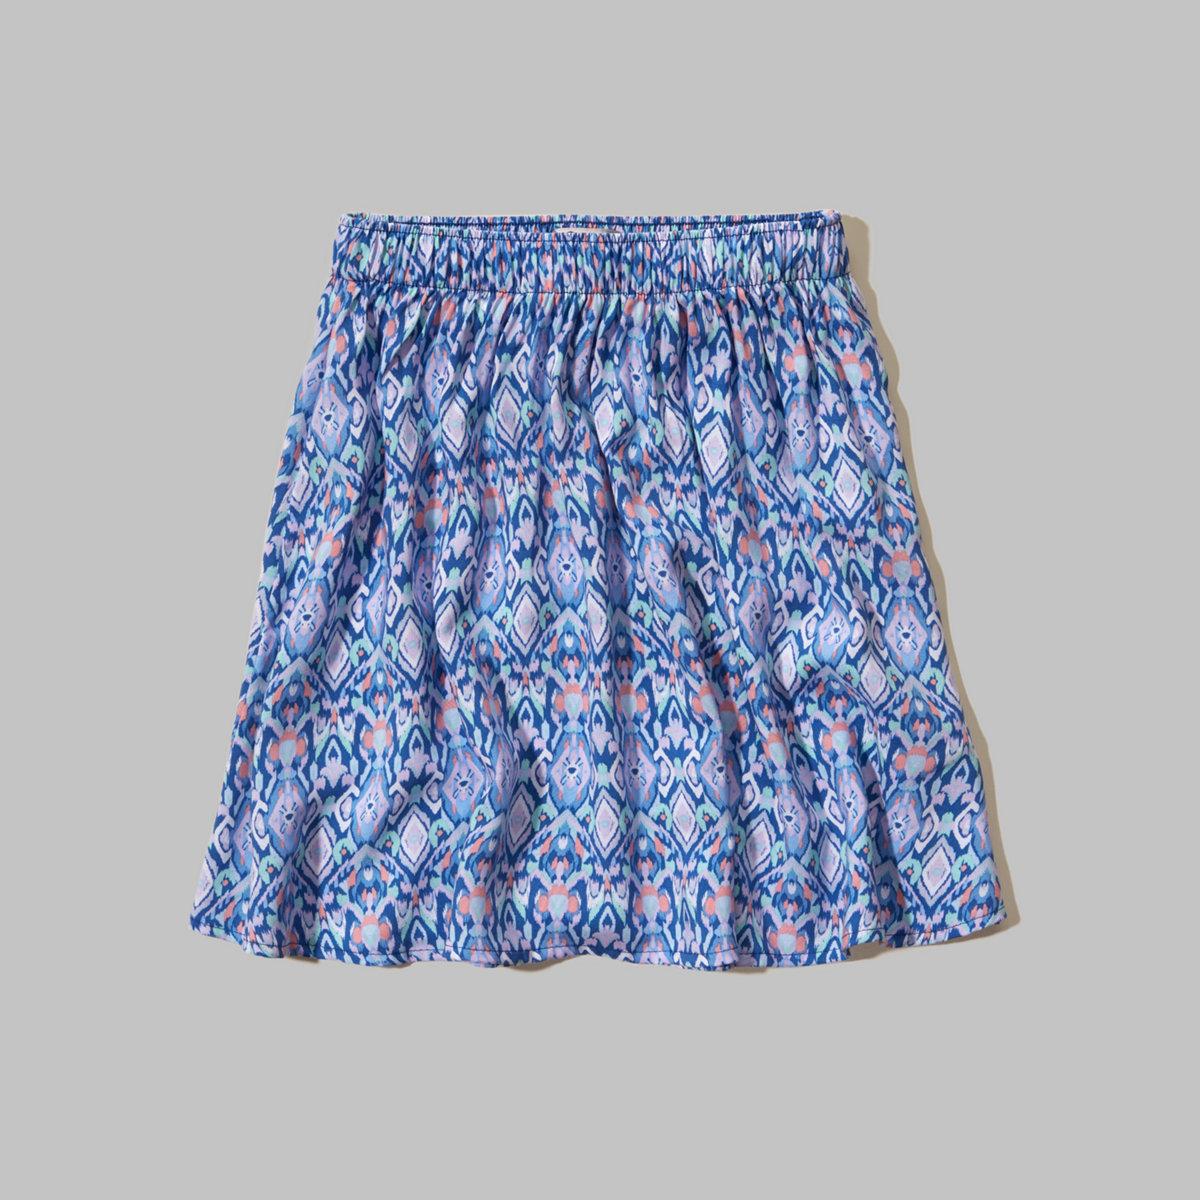 Hollister Printed Skater Skirt